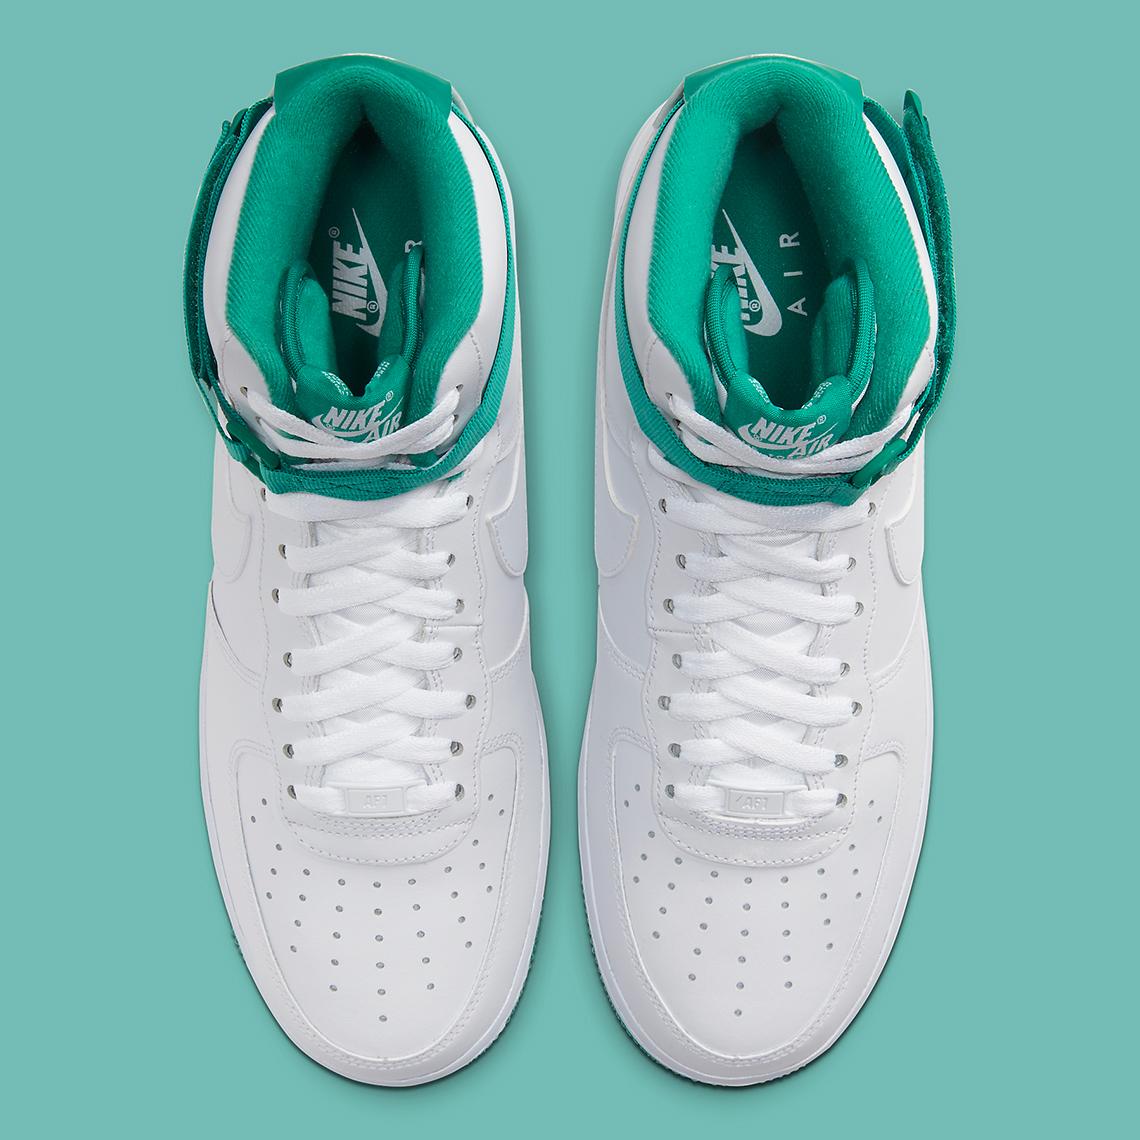 Nike Air Force 1 High Neptune Green